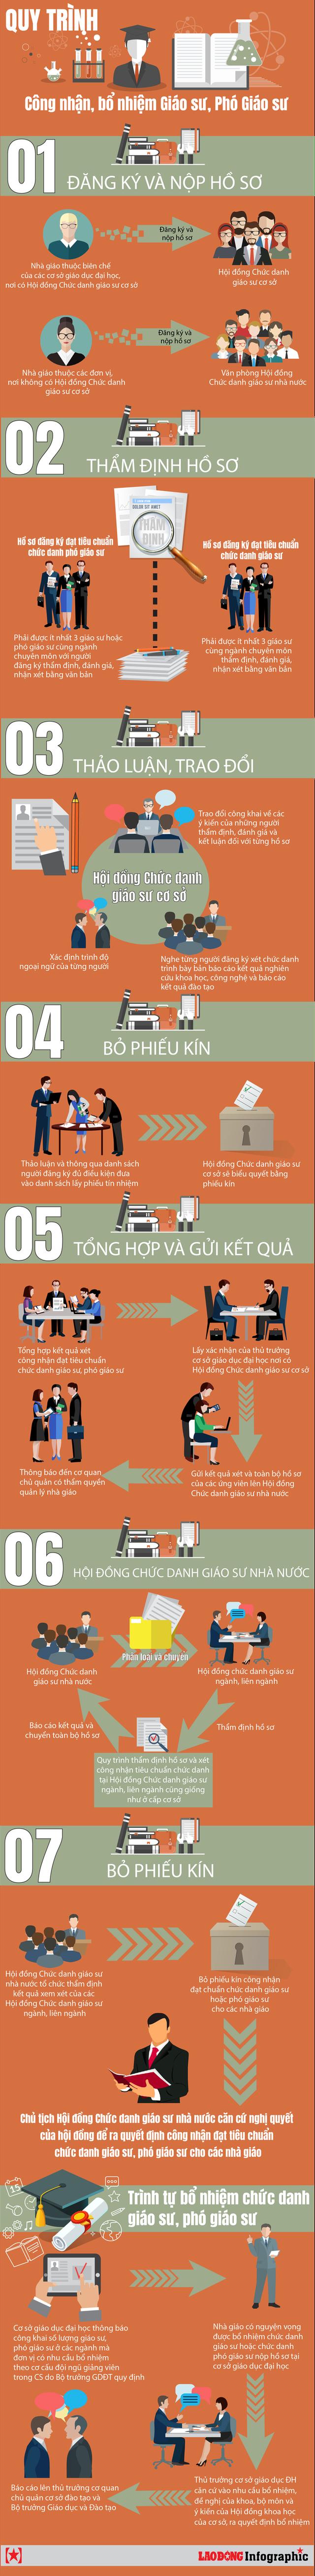 [Infographic]: Quy trình công nhận, bổ nhiệm giáo sư, phó giáo sư diễn ra như thế nào? - Ảnh 1.